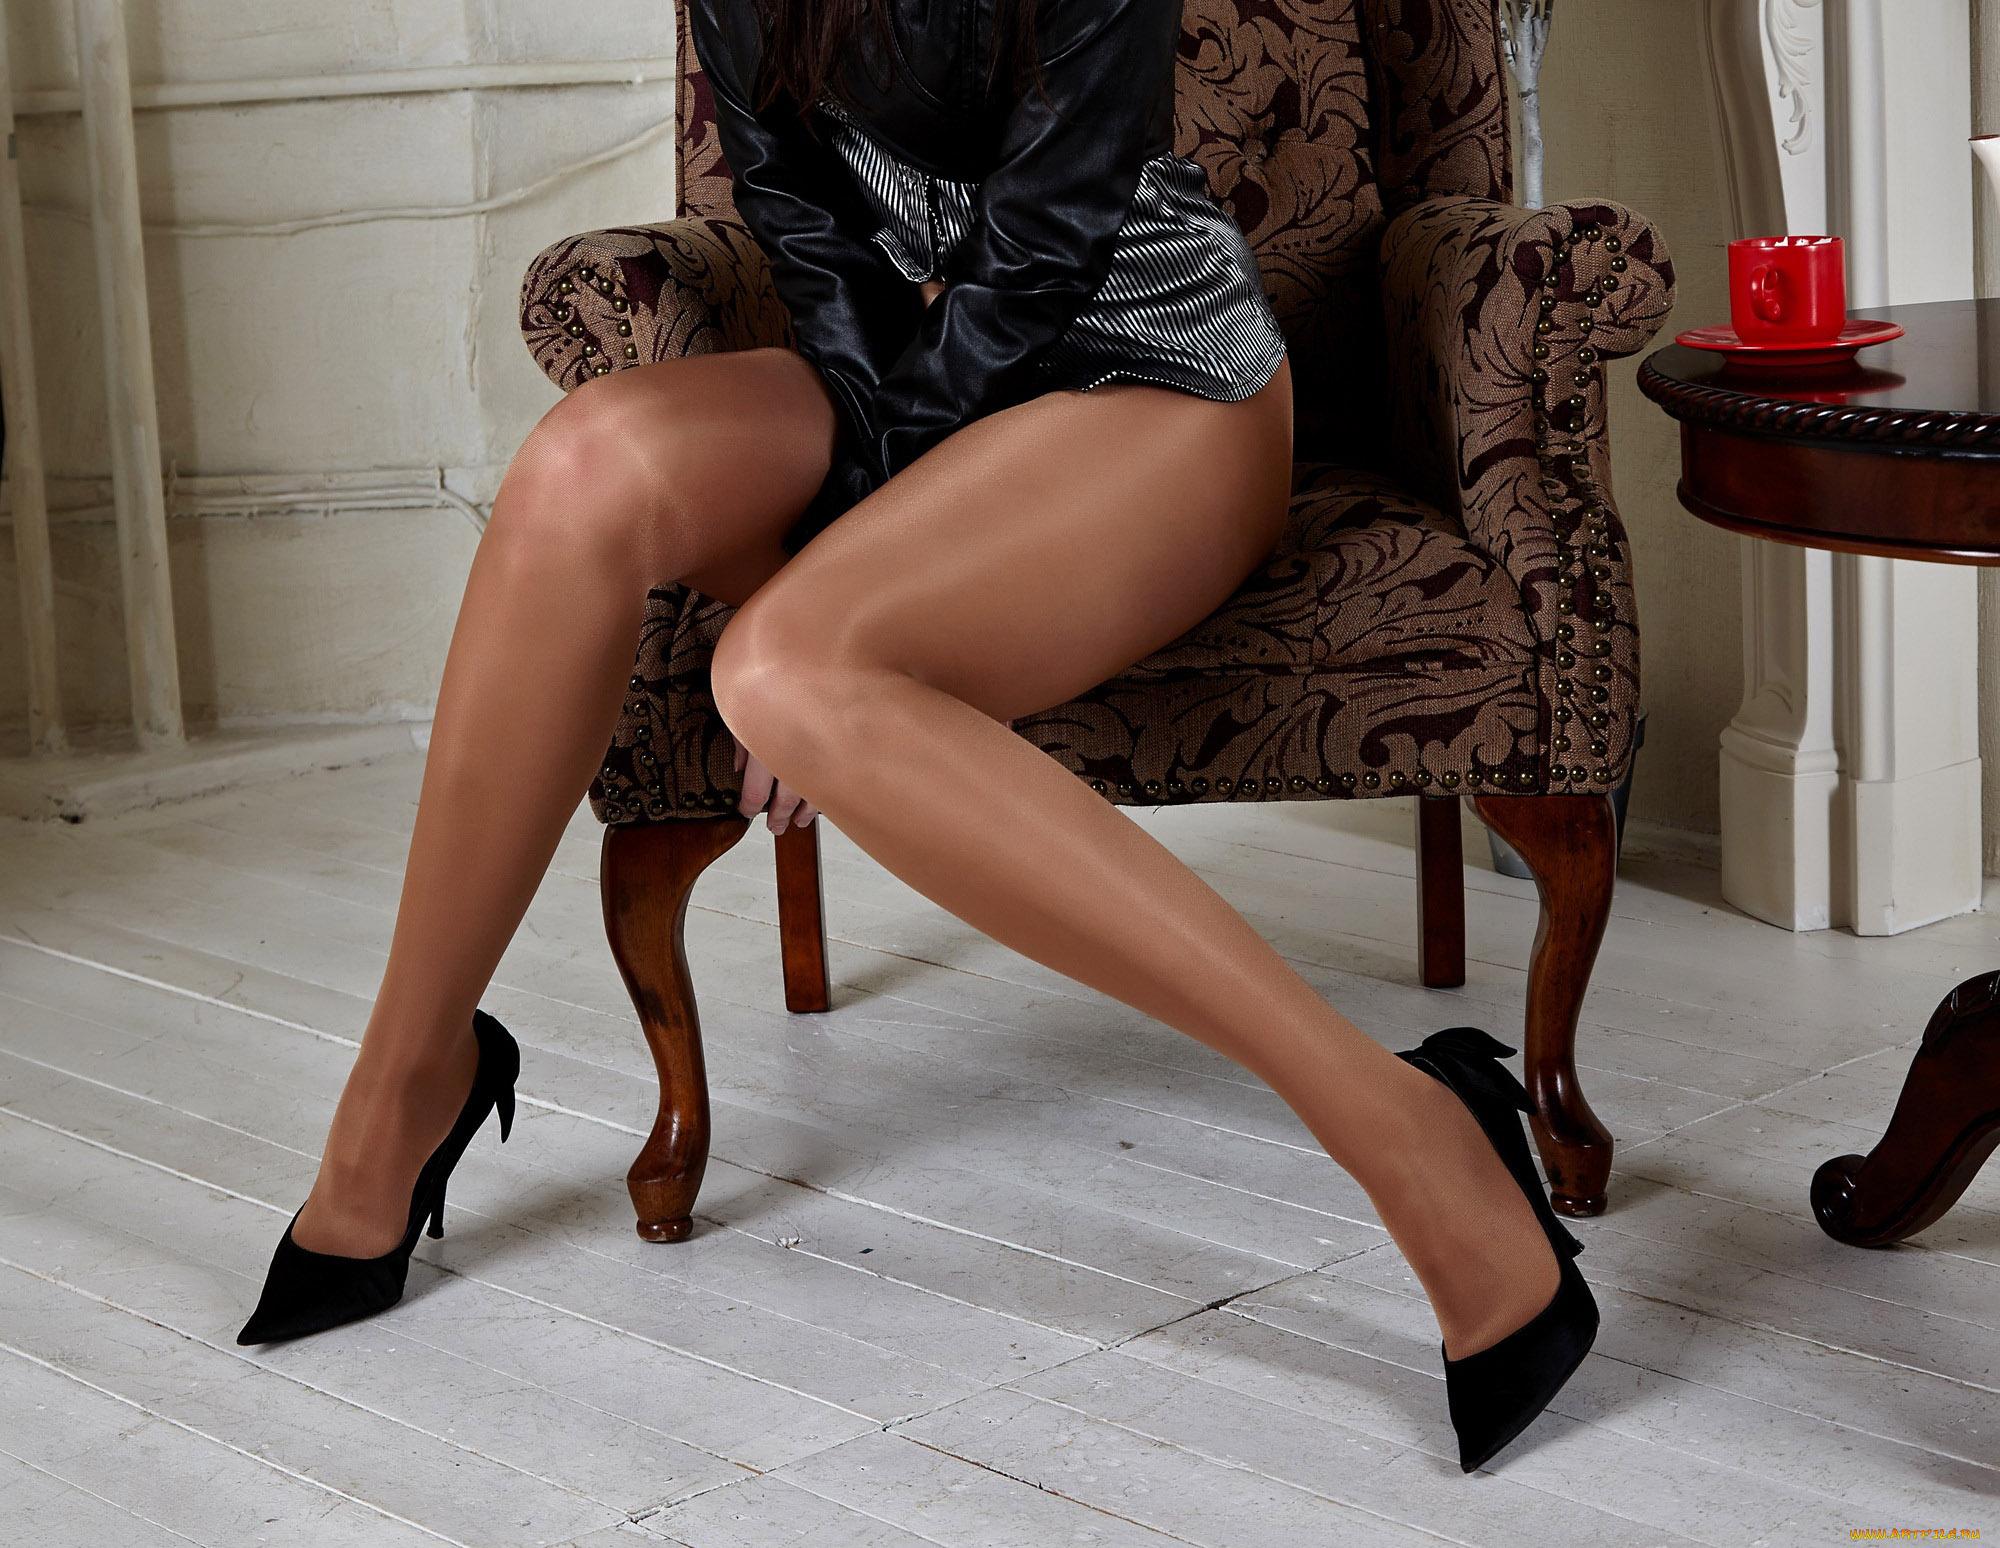 Фото девушки ноги на шпильках, Высокие каблуки порно, фото секса с девушками на 24 фотография